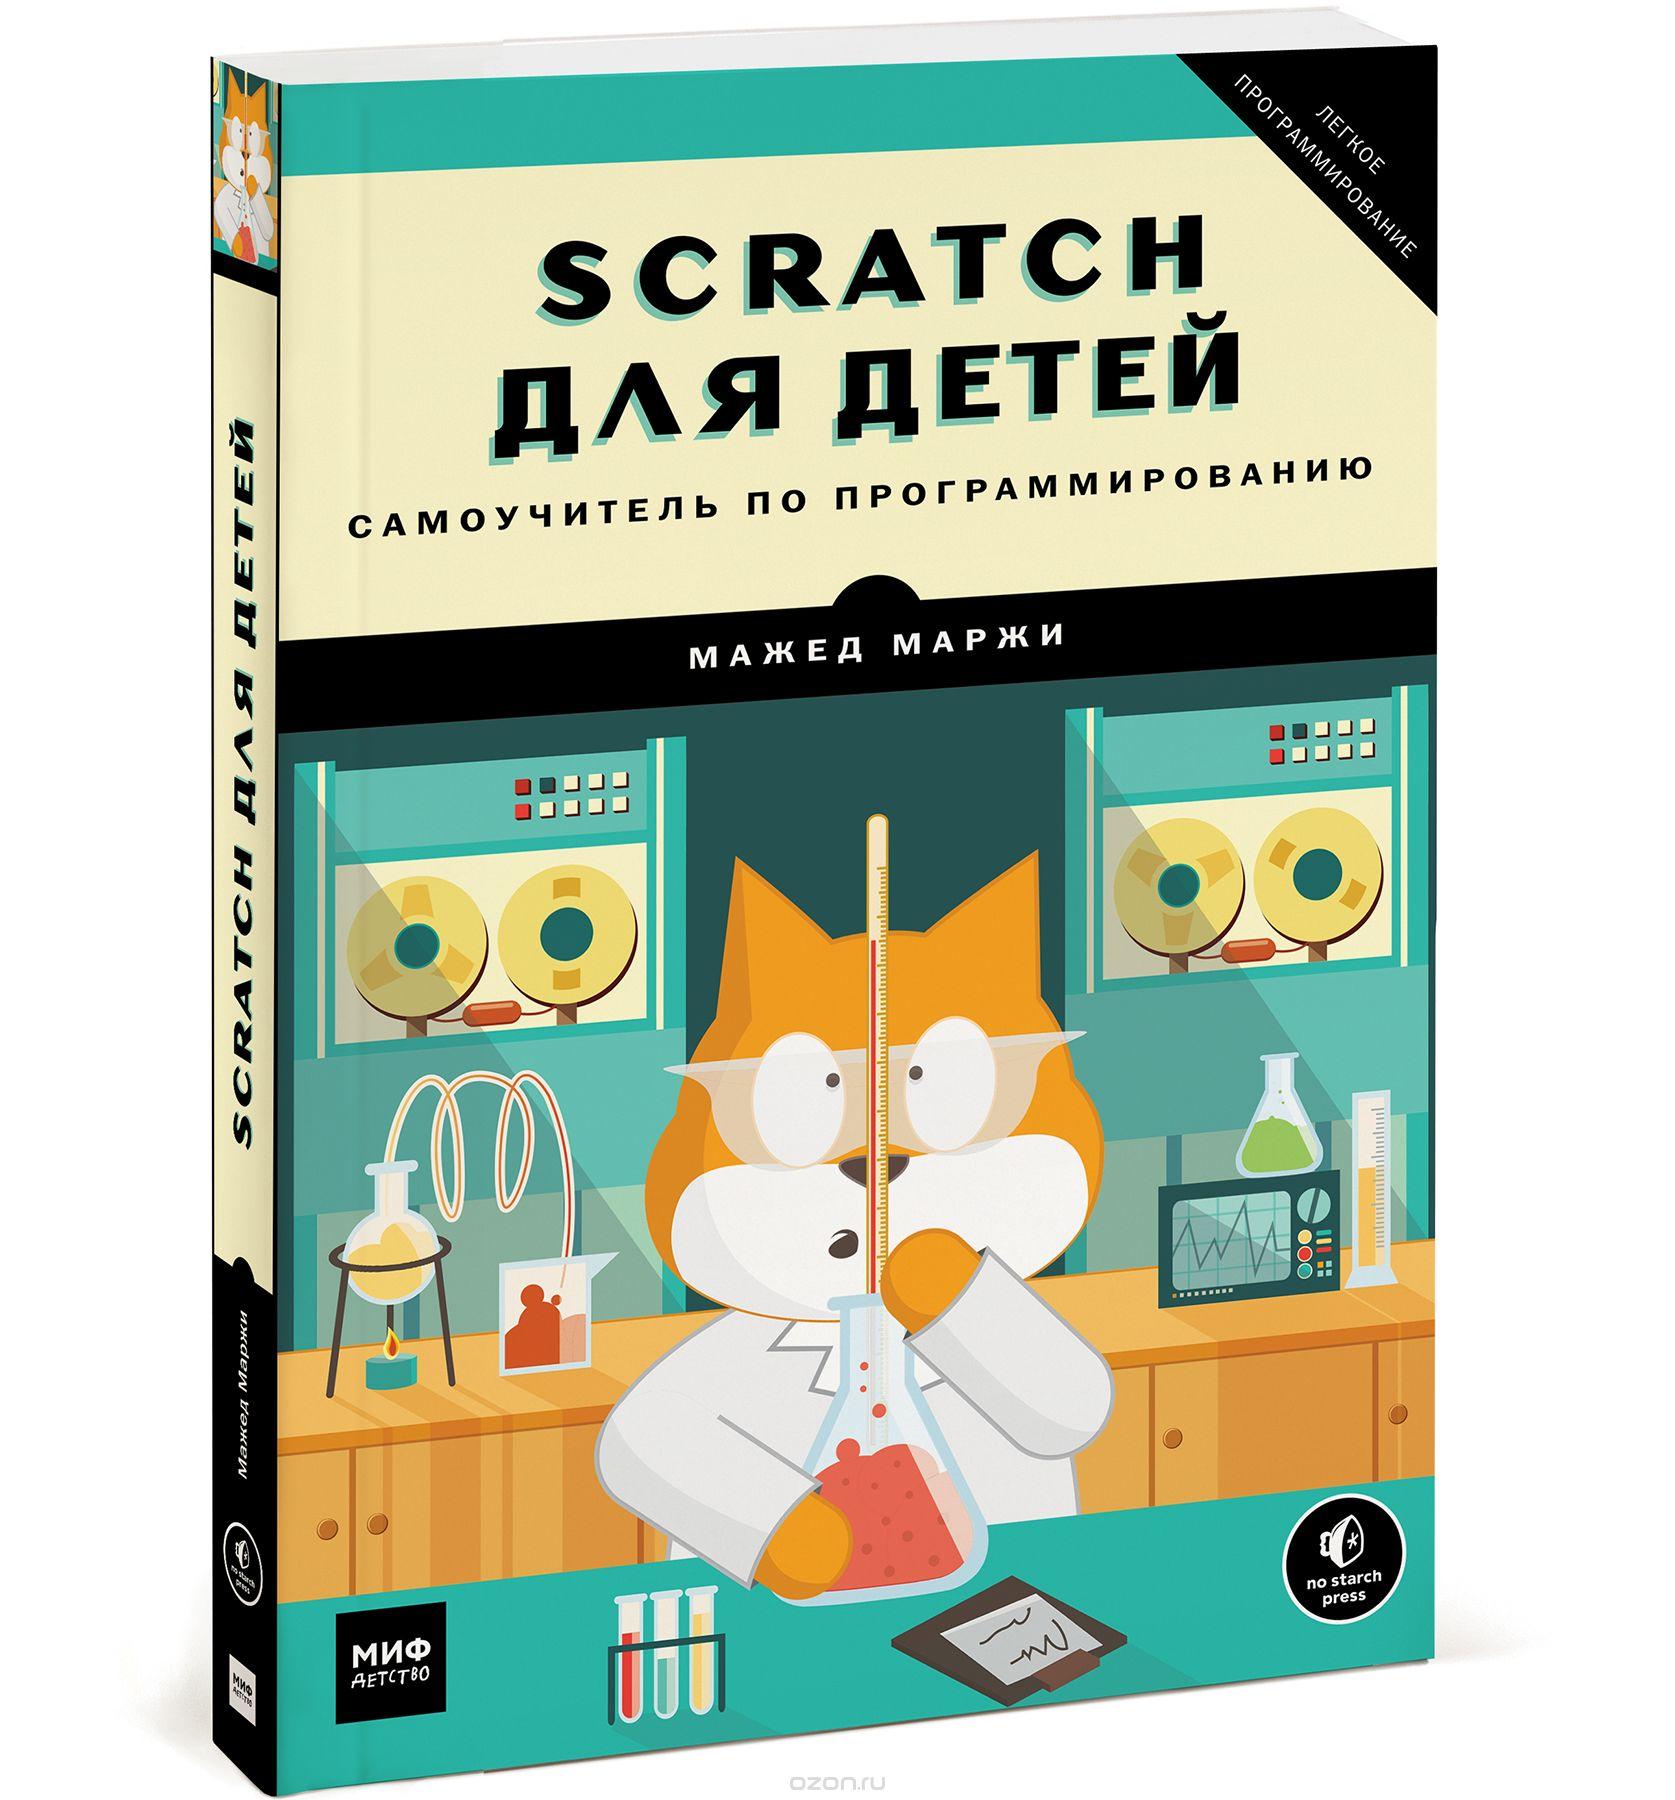 Scratch для детей. Самоучитель по программированию